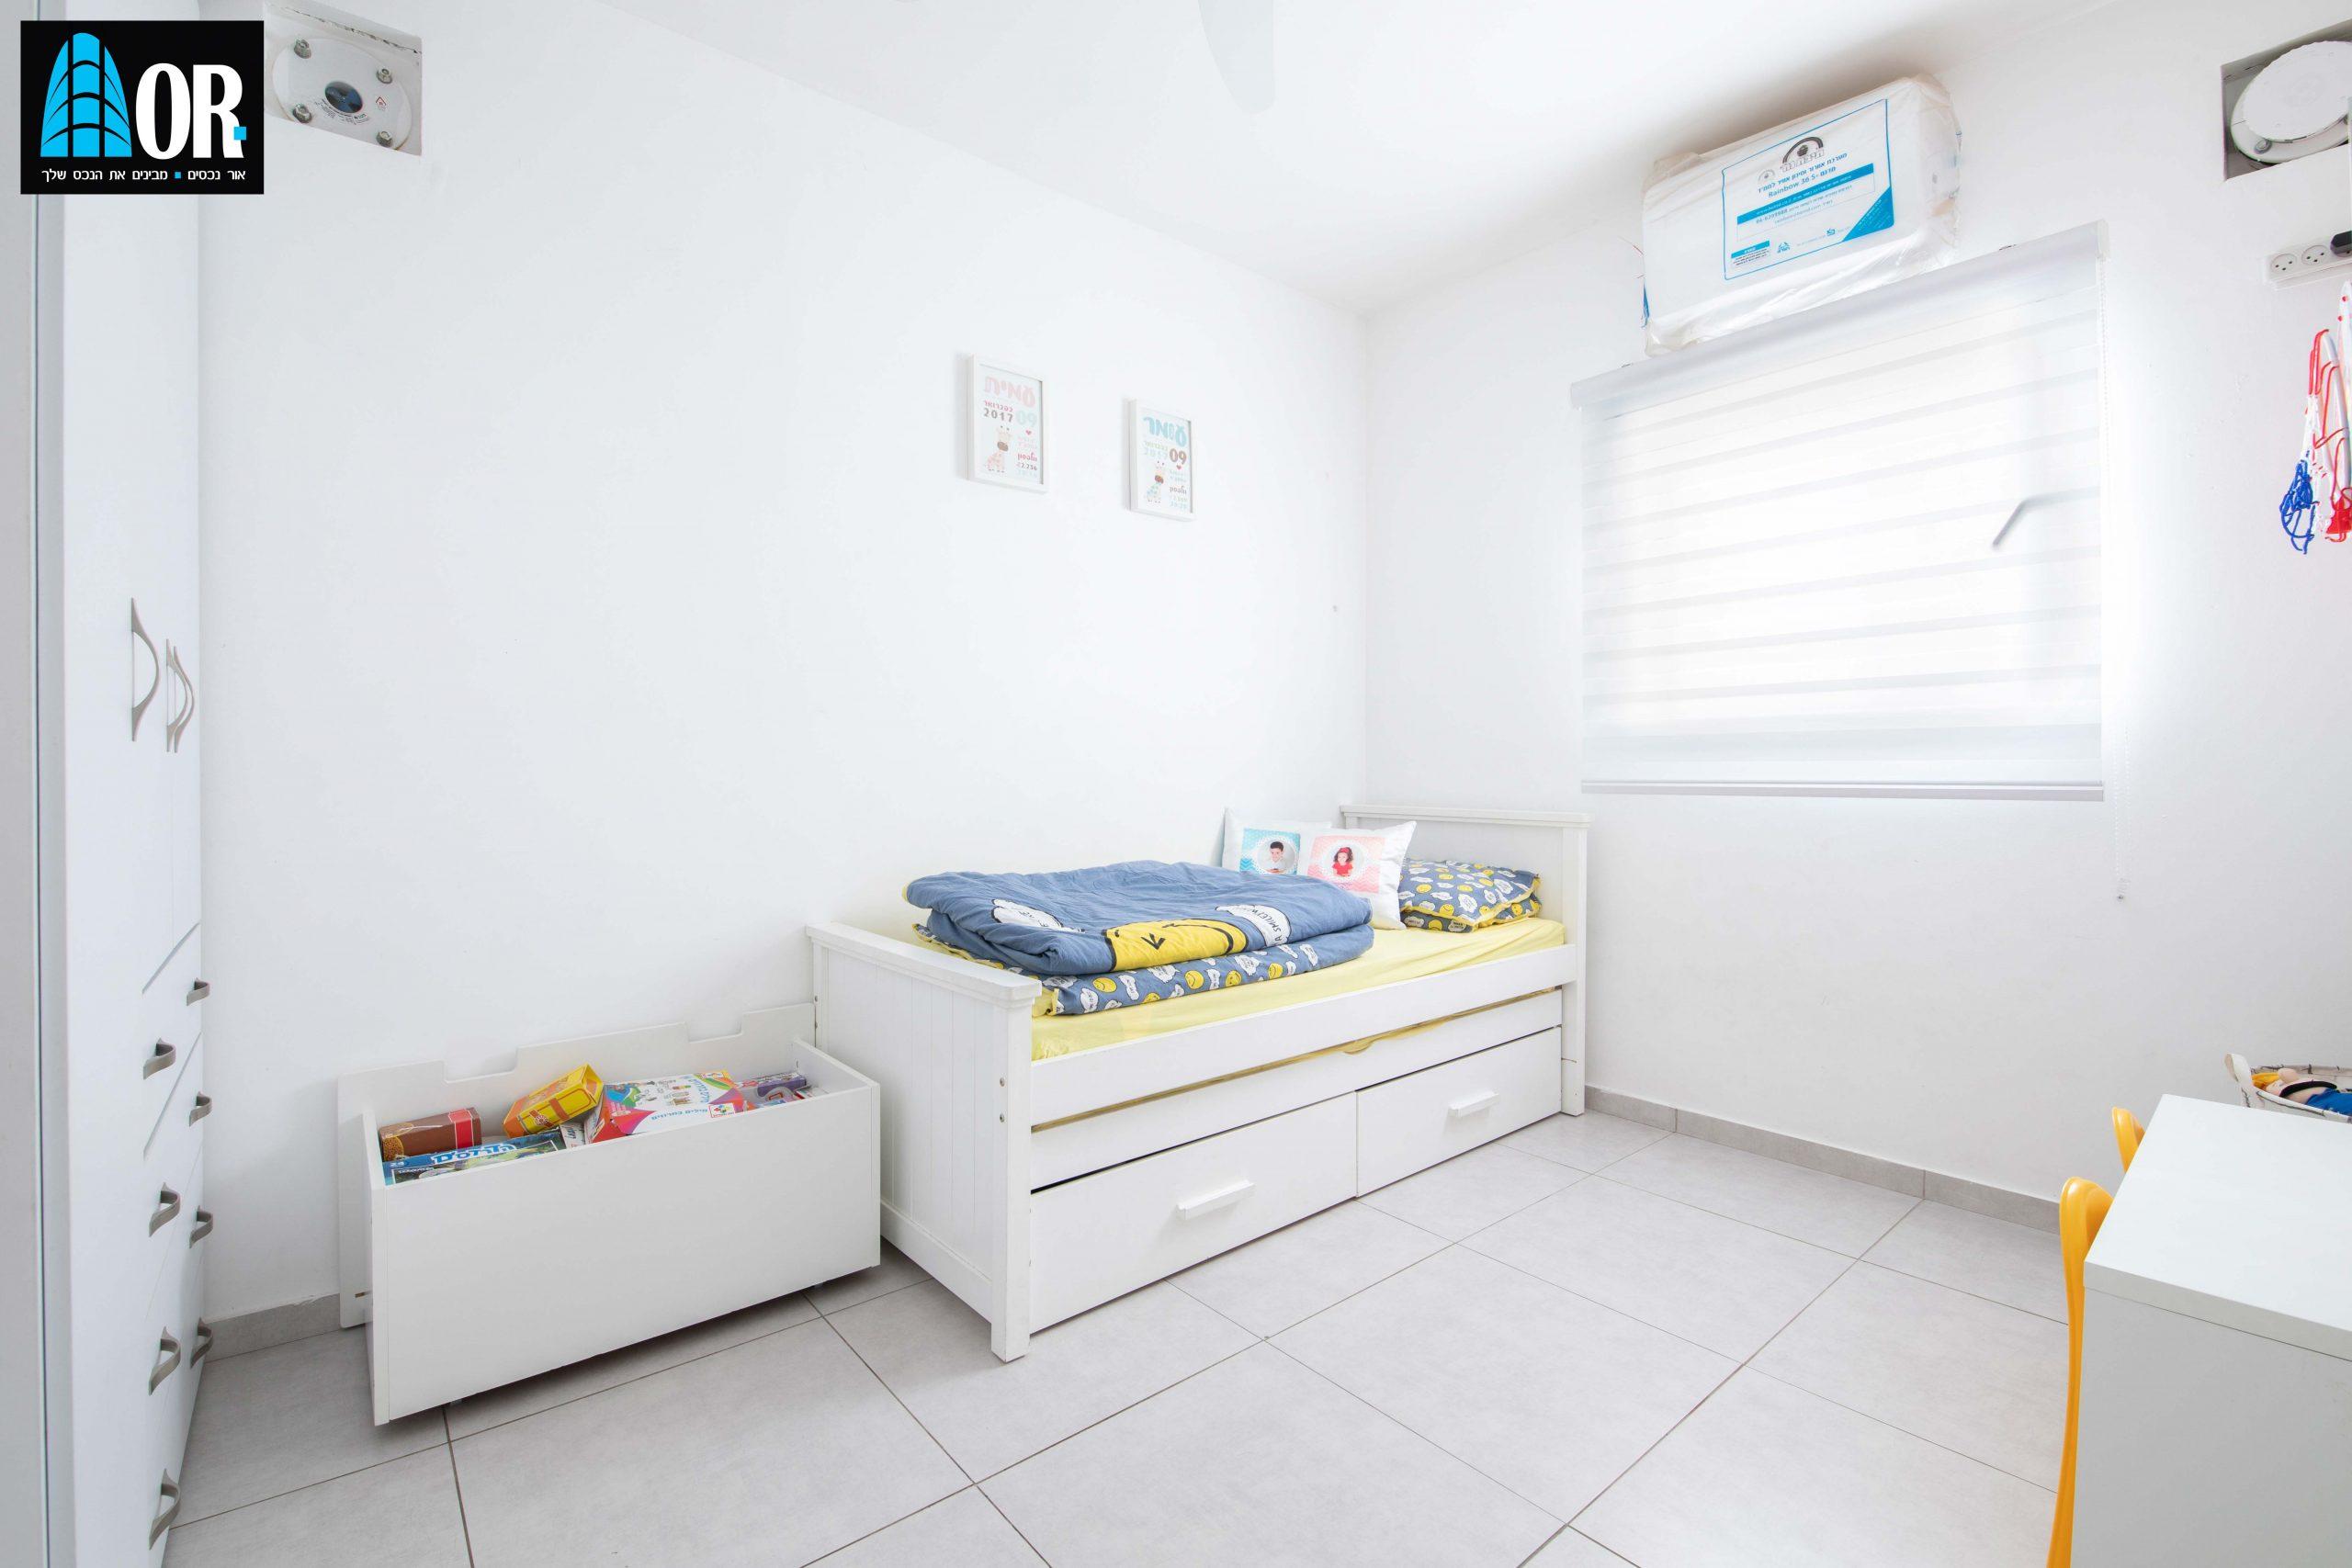 חדר ילדים דירה 5 חדרים שכונה פארק המושבה